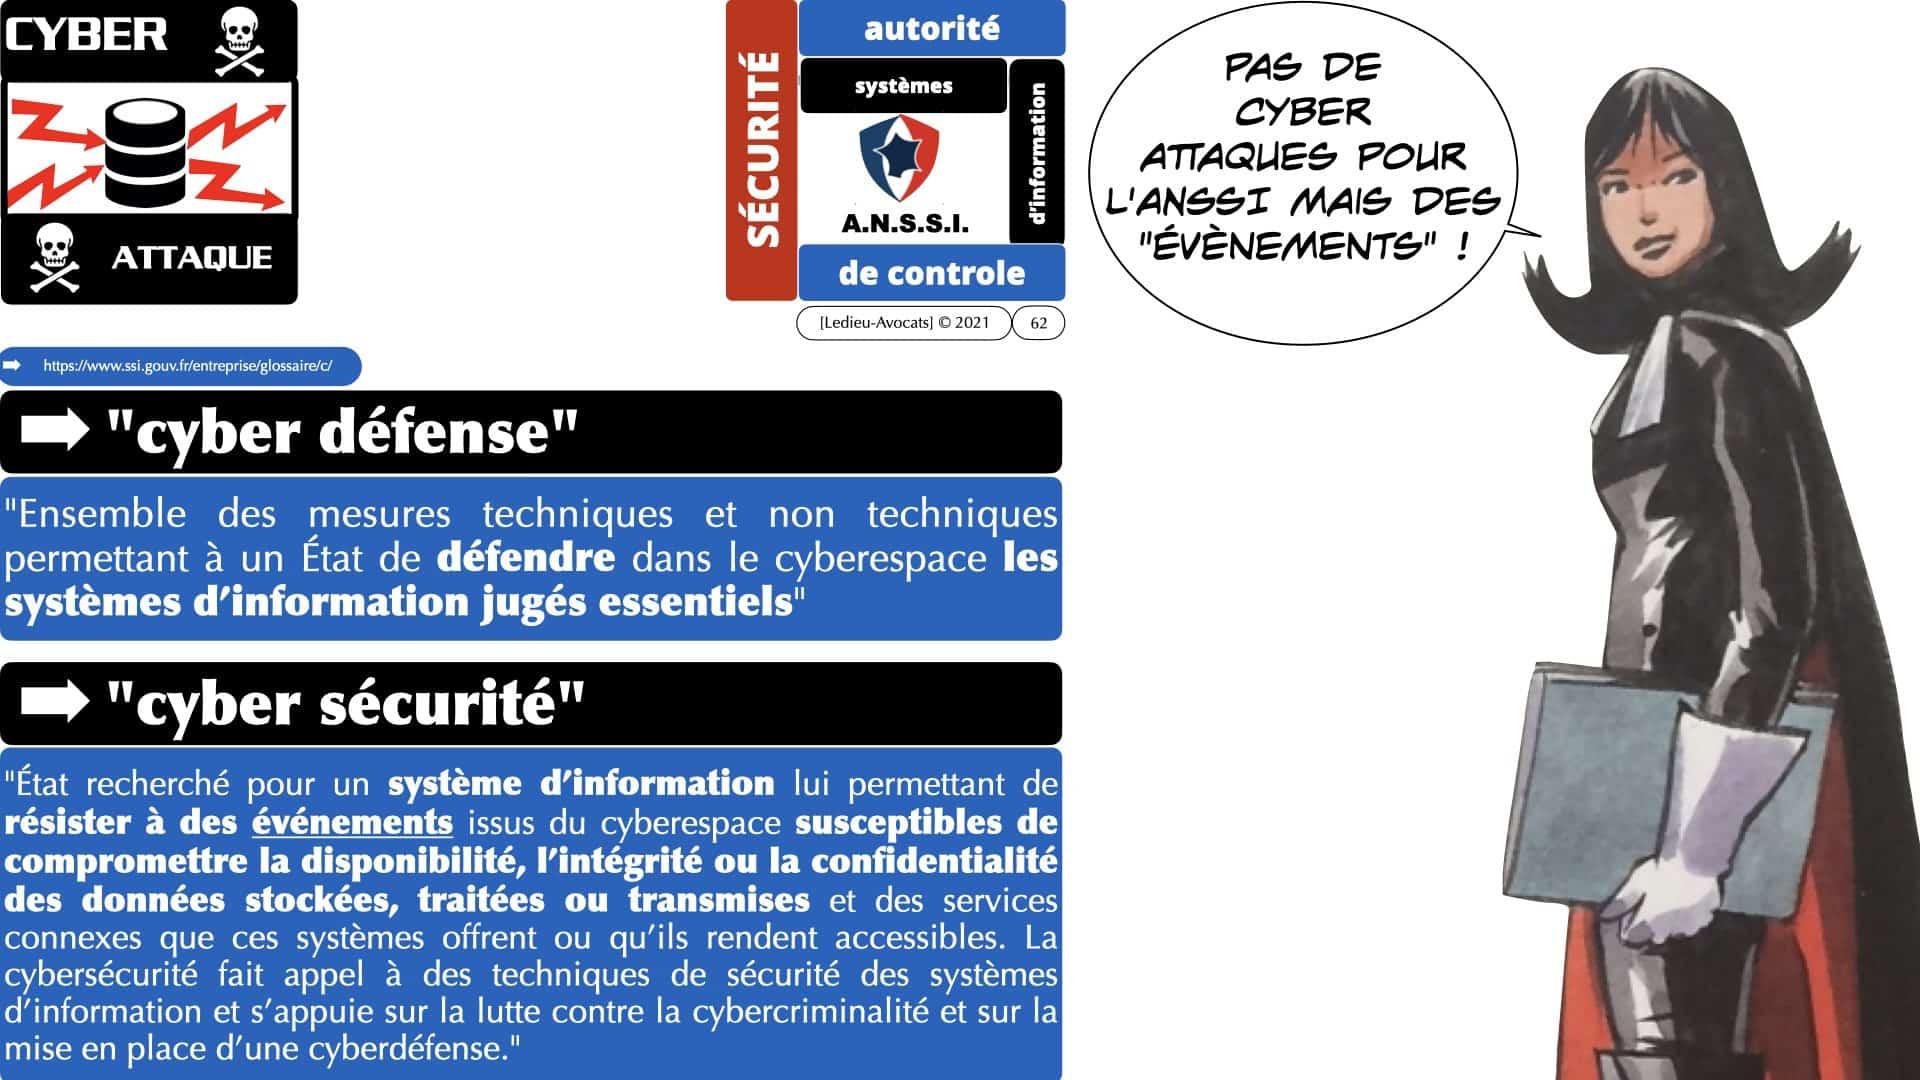 330 CYBER ATTAQUE © Ledieu-Avocats 09-03-2021.062